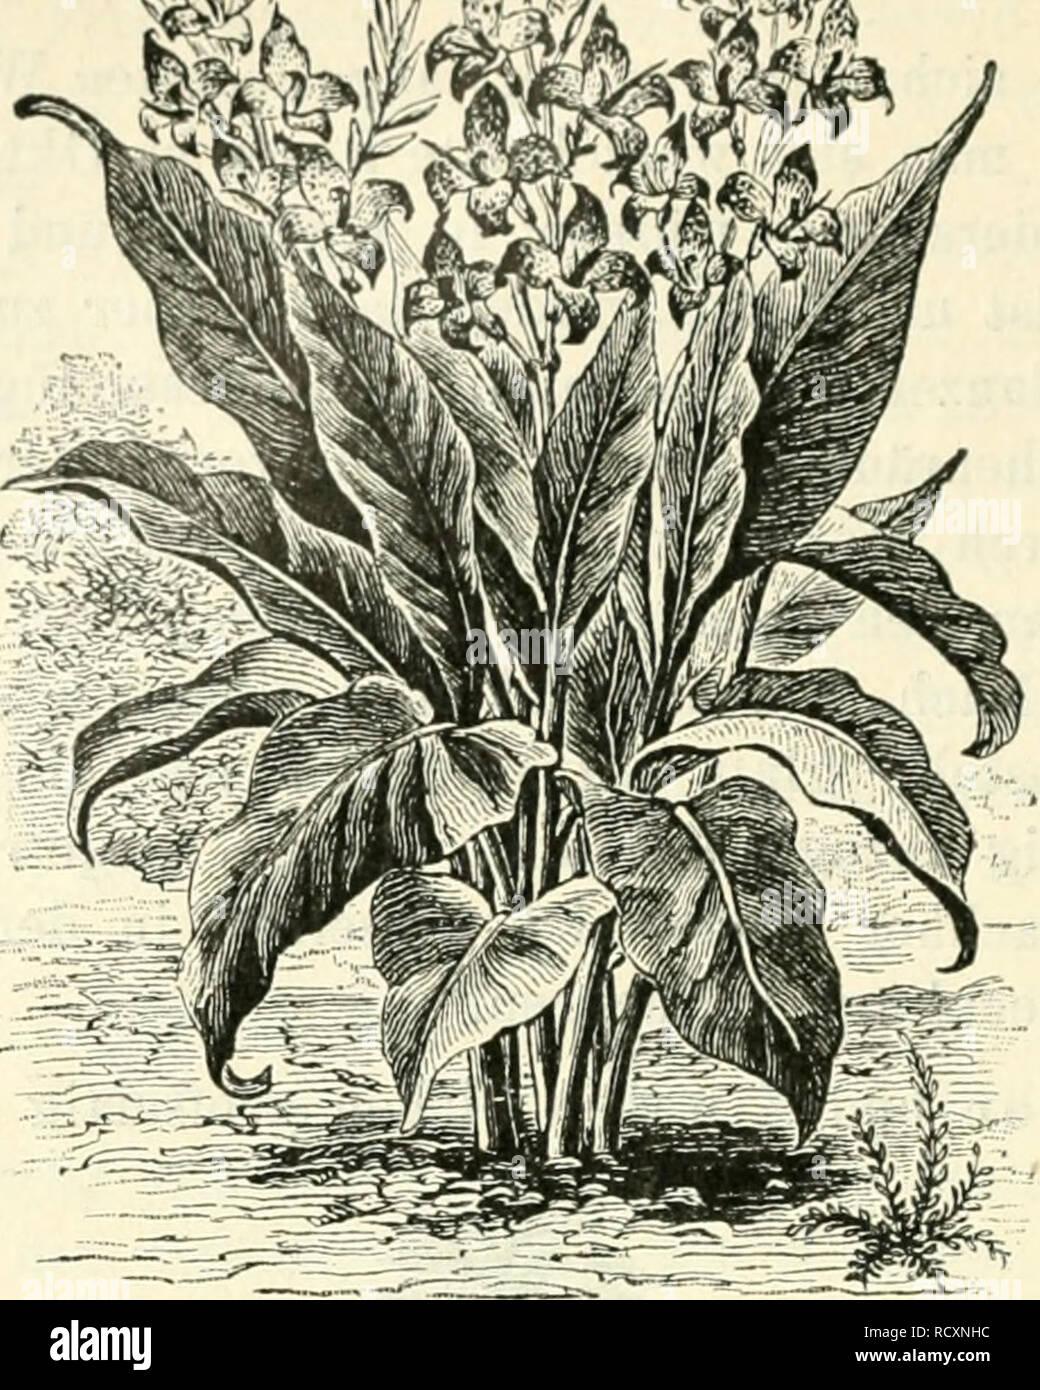 . Der Tropenpflanzer; zeitschrift fr tropische landwirtschaft. Tropical plants; Tropical crops. — 270. Abbild. 10. Canna, indisches Blumenrohr. Ferner gedeihen recht gut: Tropaeolum majus, Kapuziner- kresse, sowie Convolvulus, Winde, gleich an Ort und Stelle zu säen, bilden einen vorzüglichen Schmuck zur Bekleidung von Gittern, Drahtzäunen und Einfriedigungen, an denen sie sich sehr schnell emporranken. Von Sommerblumen seien empfohlen: Heliotrop, Verbenen, Helichrjsum (Strohblumen), Löwenmaul, Amarantus amabilis tricolor, Fuchsschwanz mit grün, rot, gelb schattierten Blättern; ferner Calliops Stock Photo